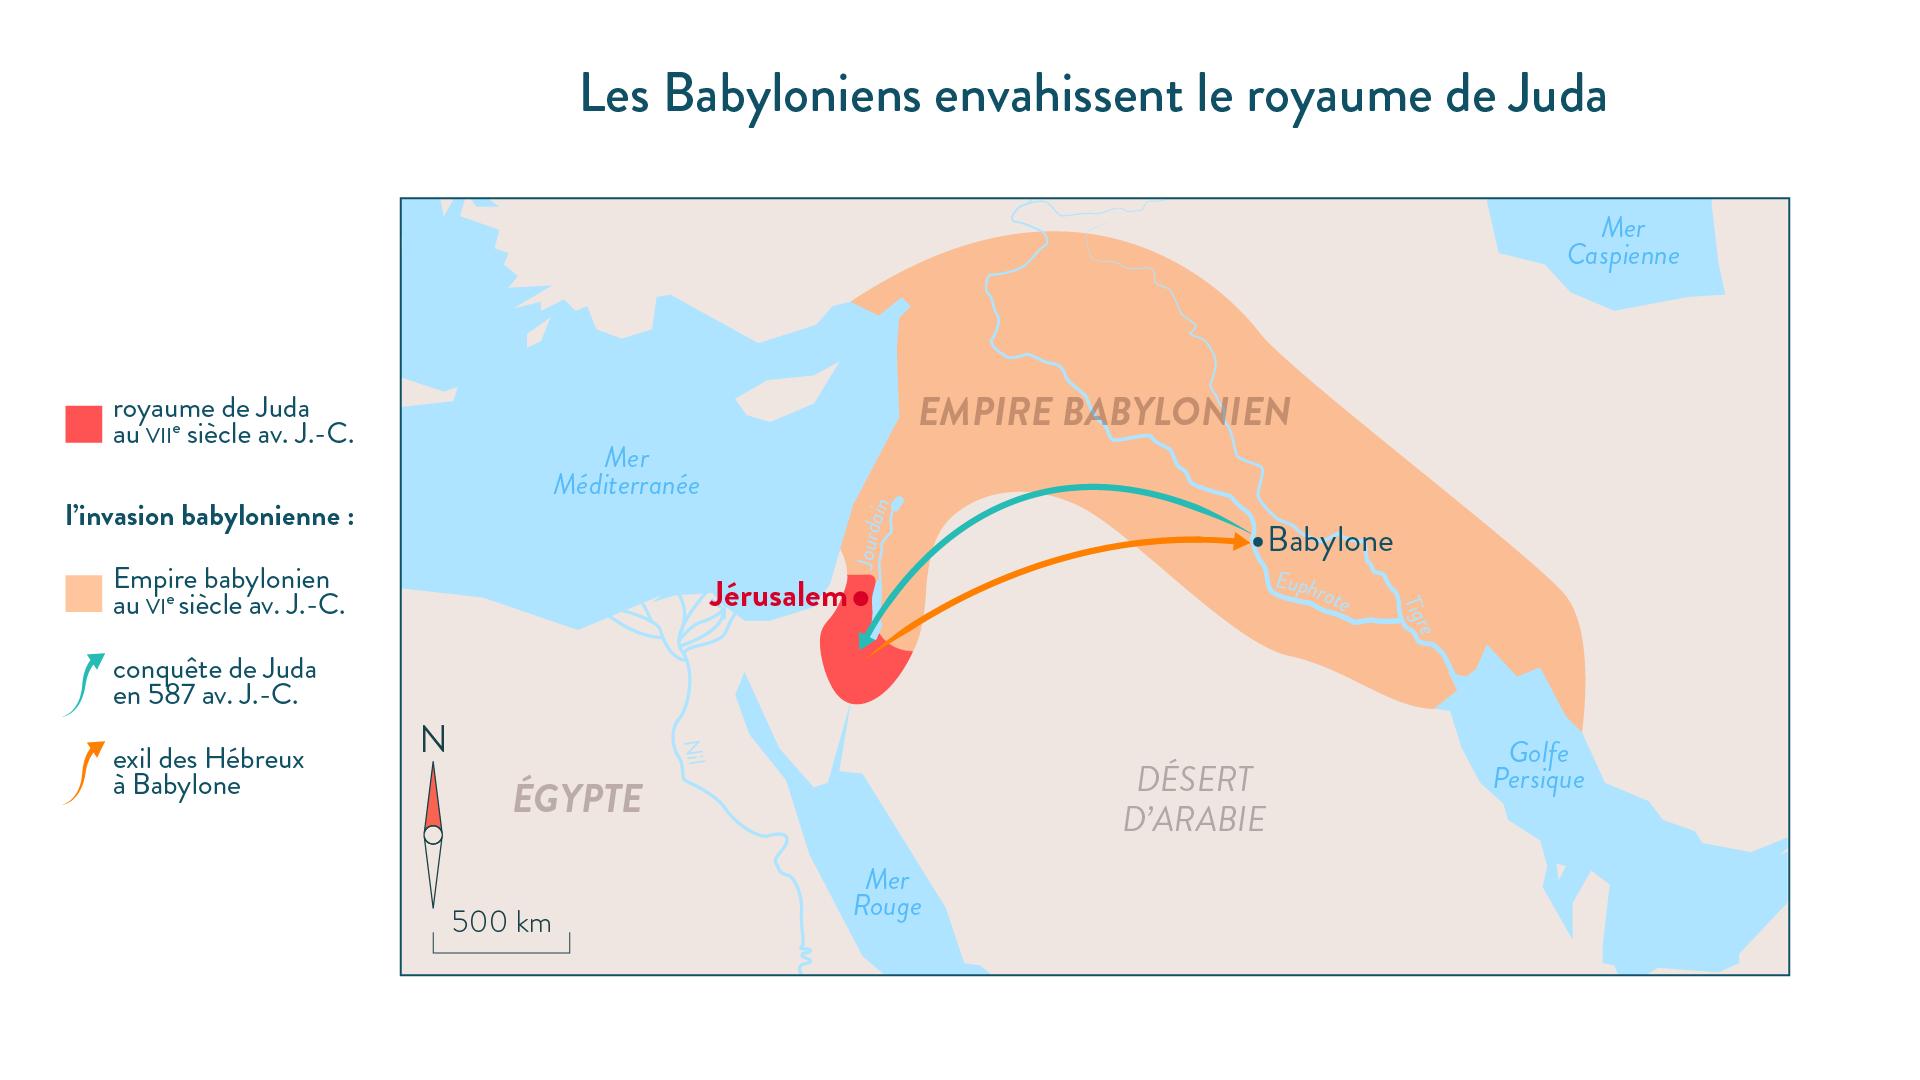 Les Babyloniens envahissent le royaume de Juda-histoire-6e